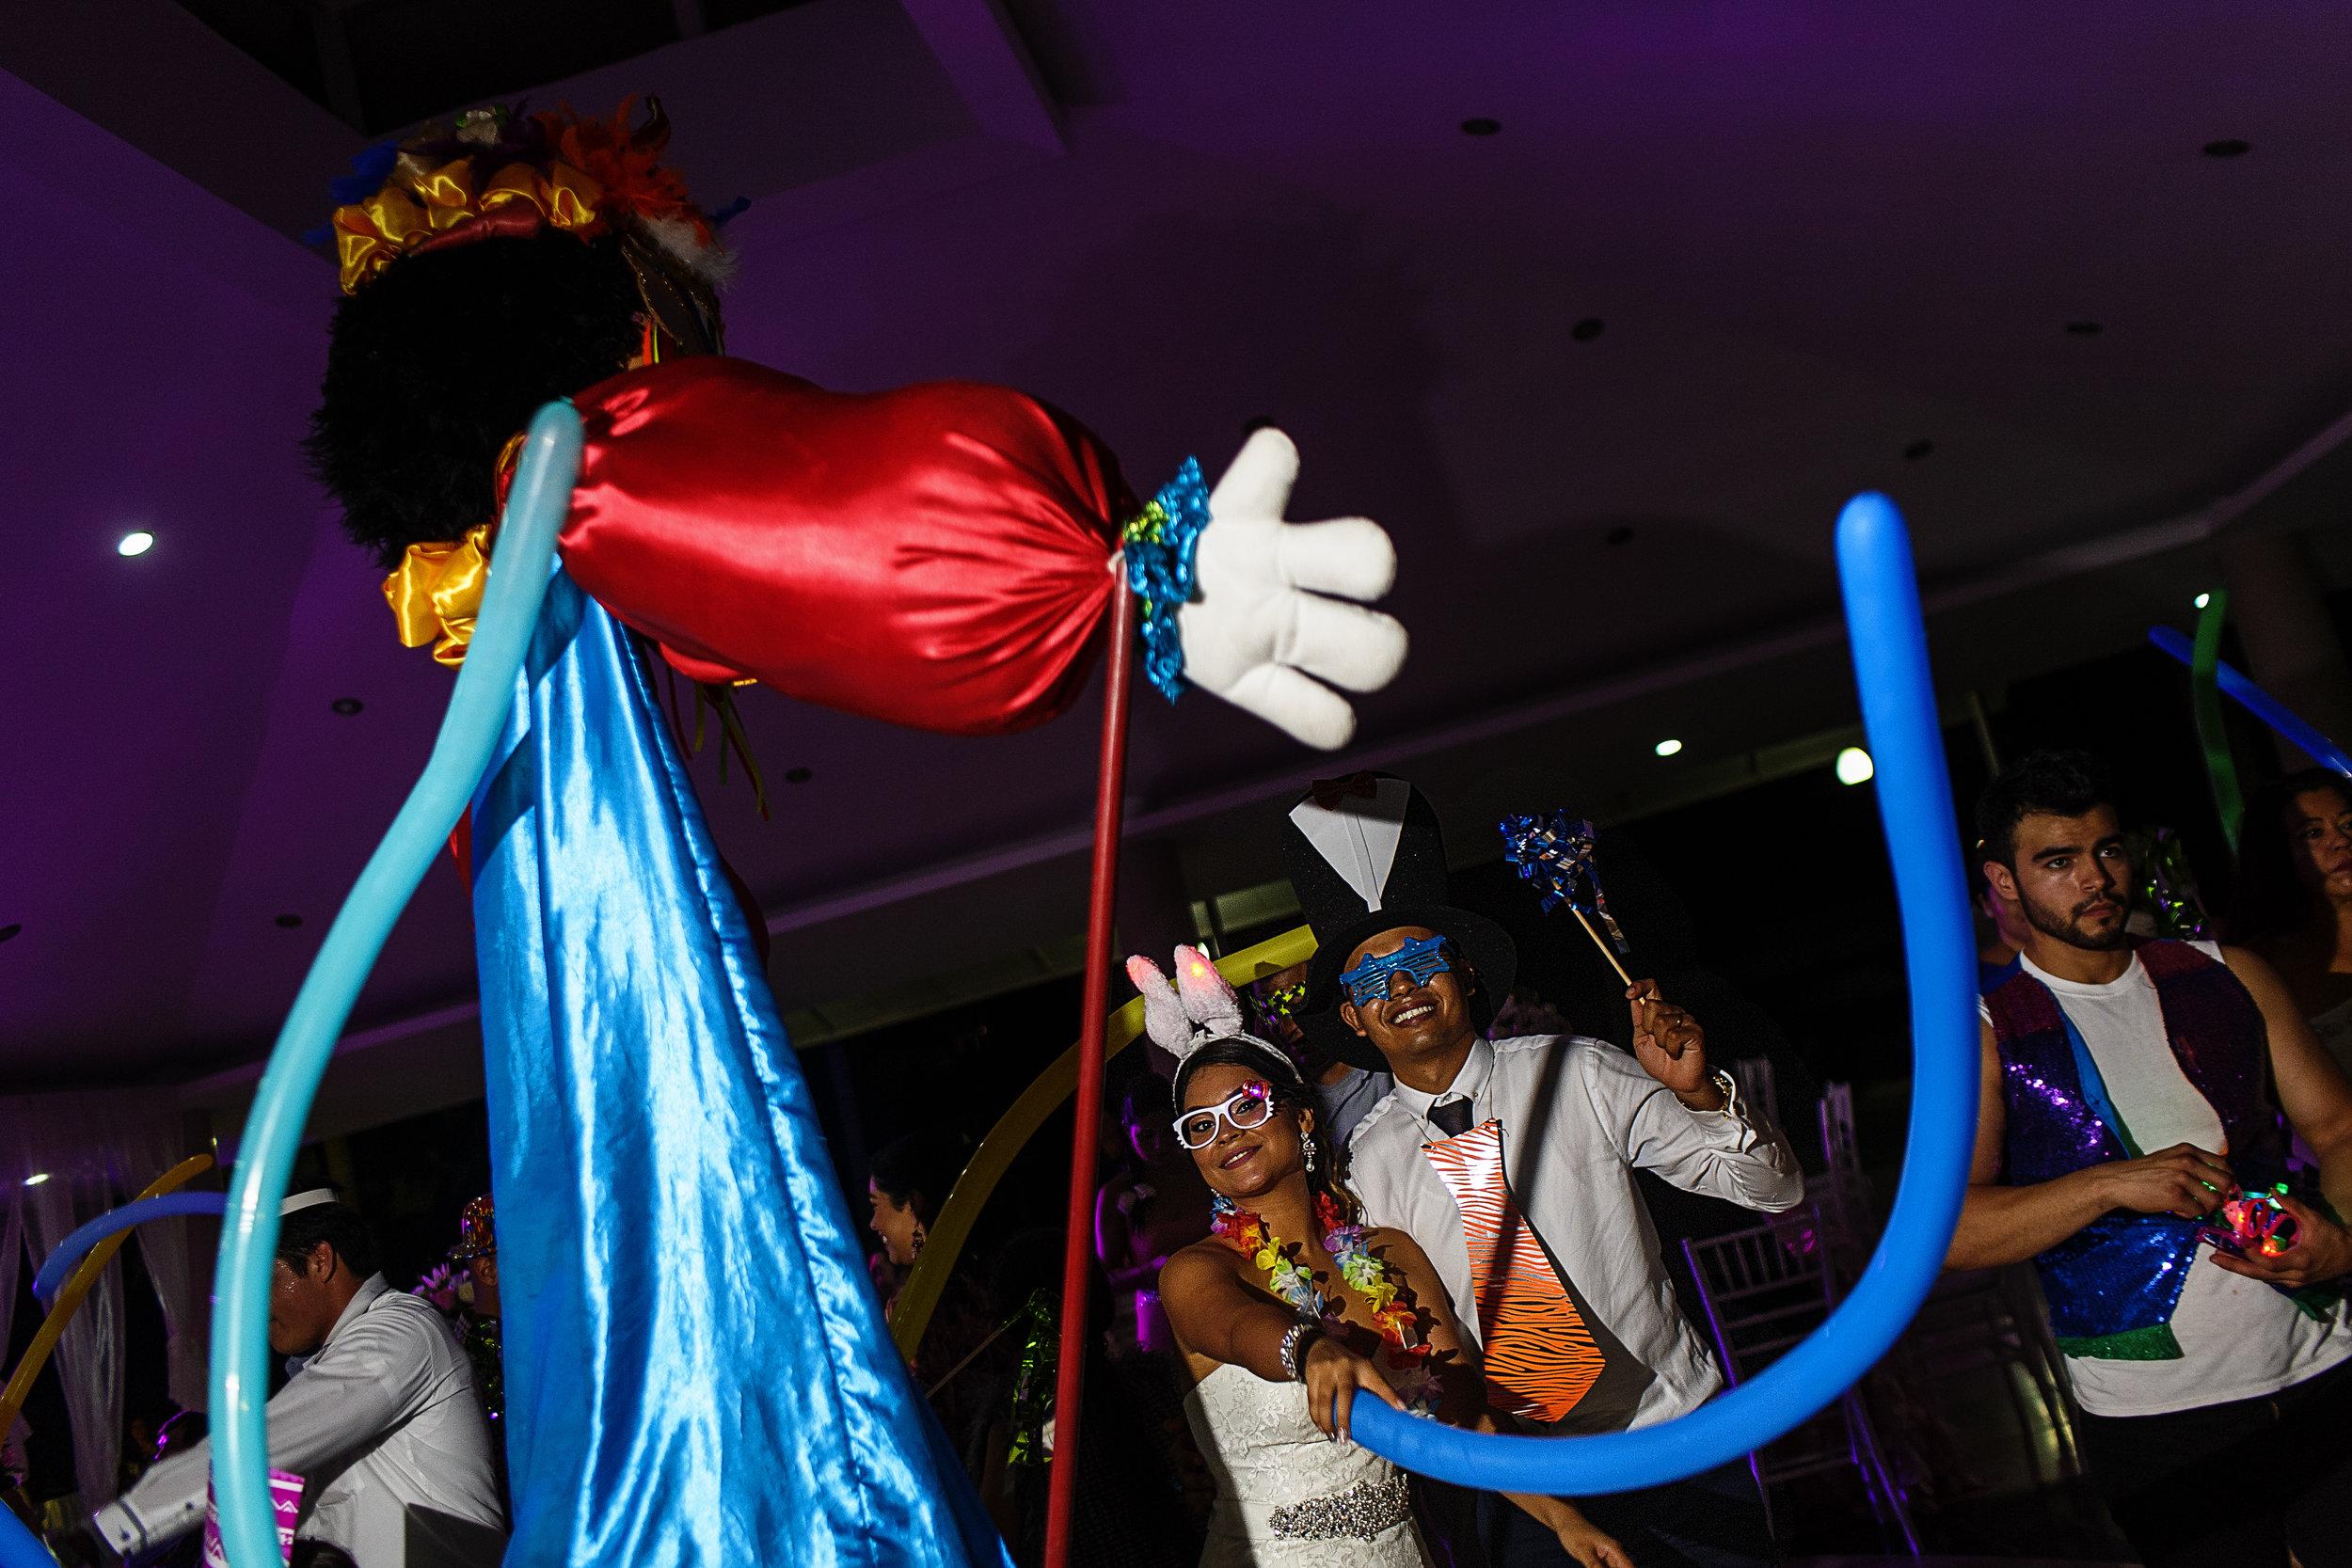 Botarga gigante baila con la pareja de novios en la fiesta de la boda